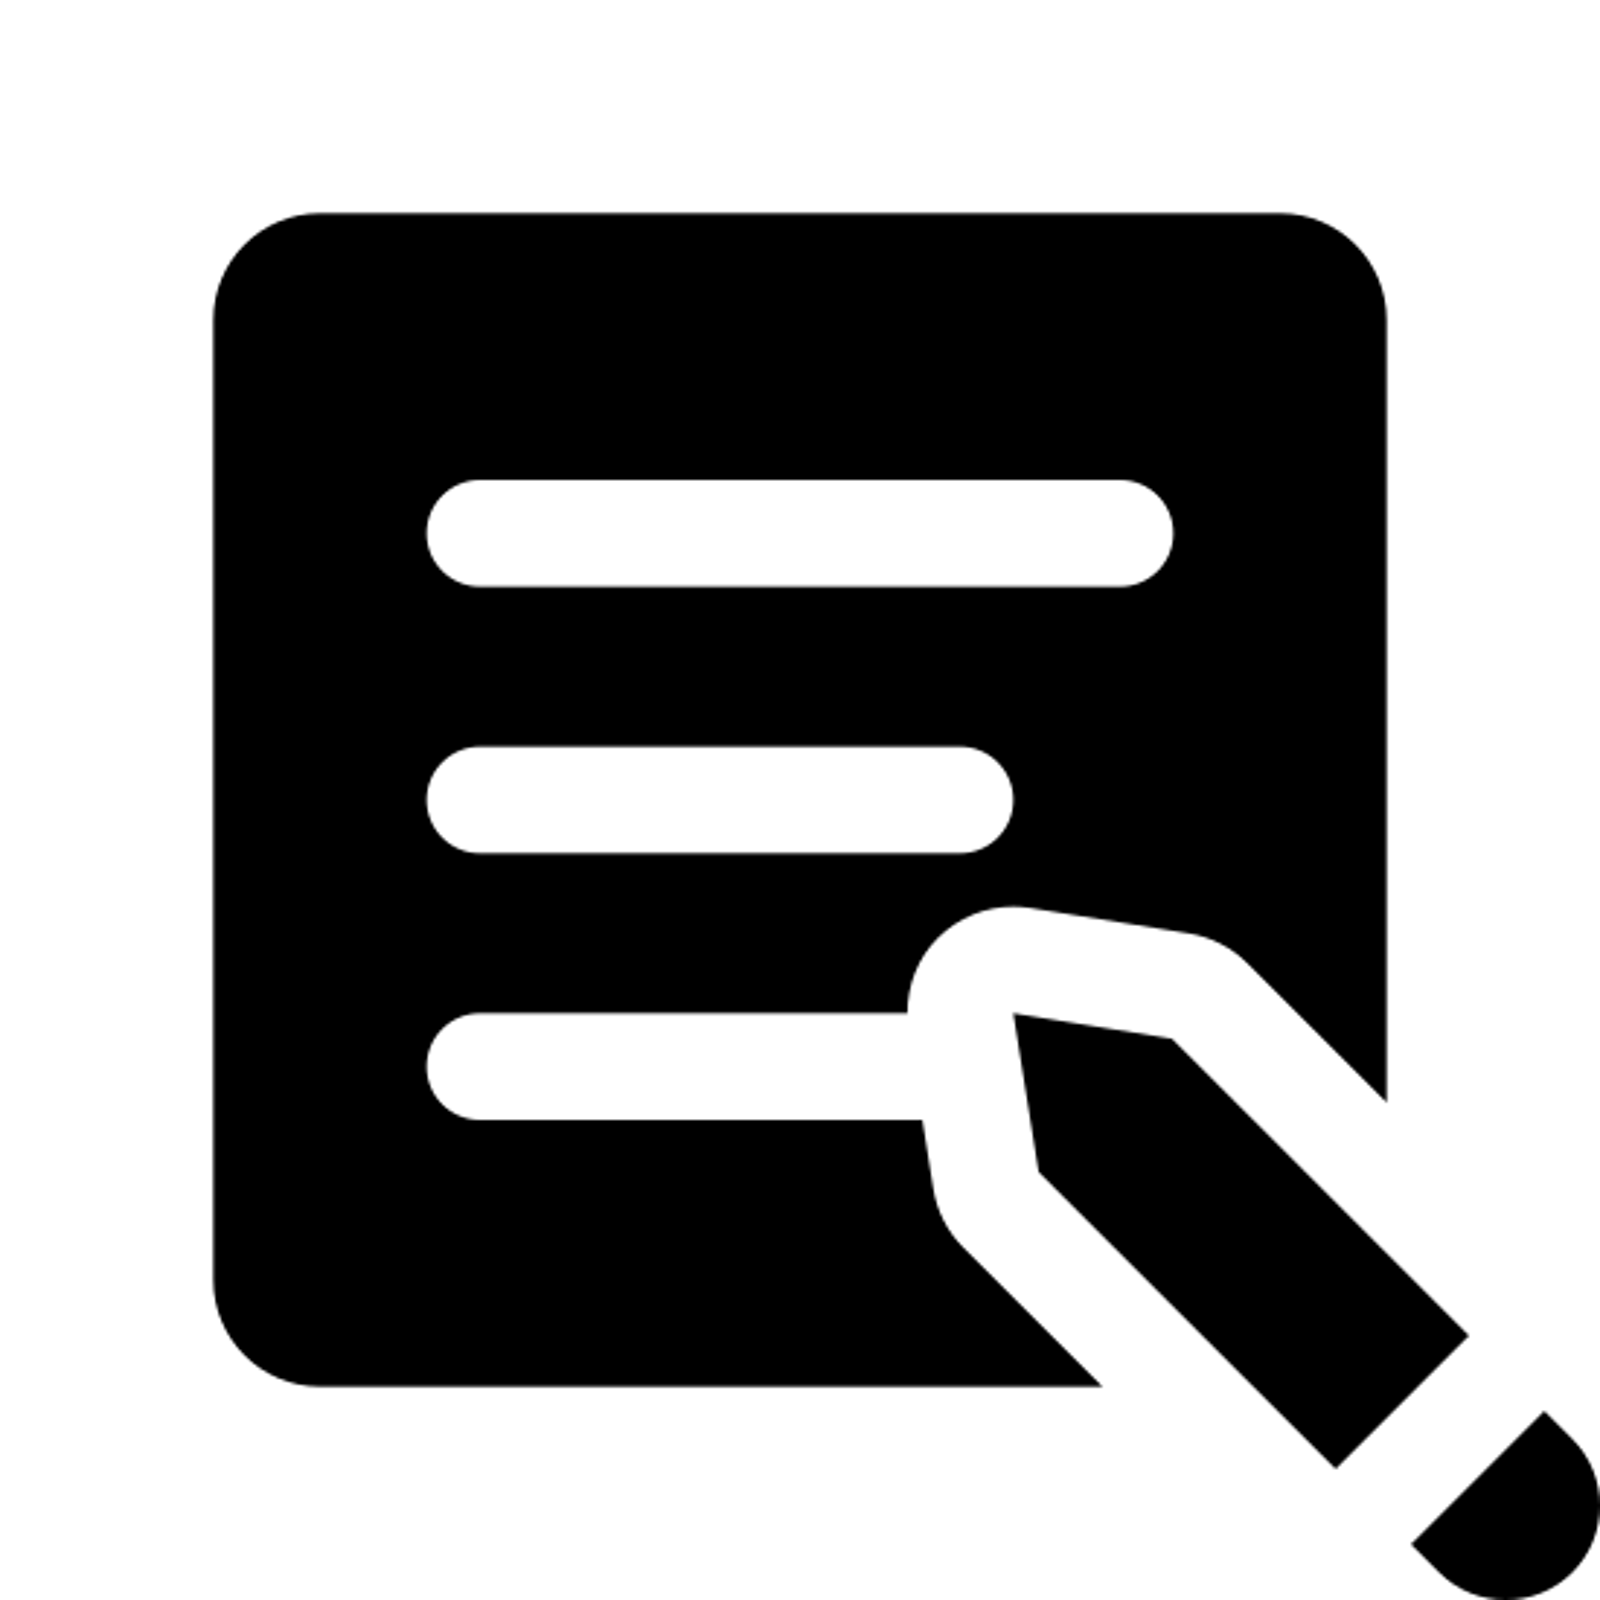 Inscription icon